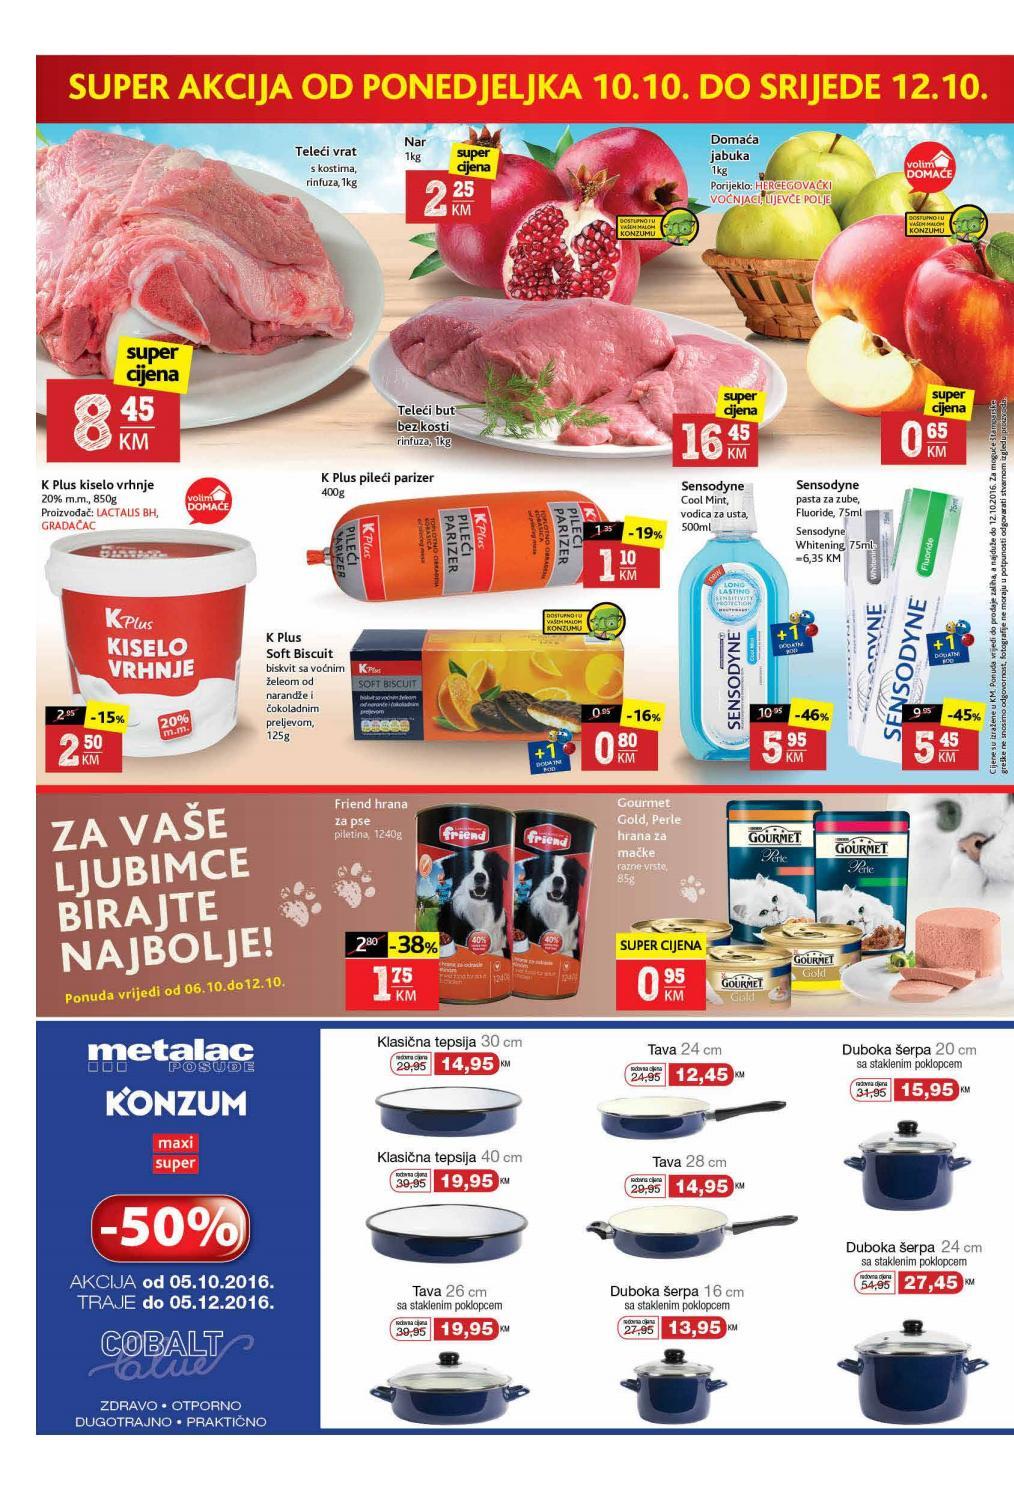 Nema akcije do Konzum akcije! Nova Super akcija u Konzum supermarketima od 10.- 12.10.2016.